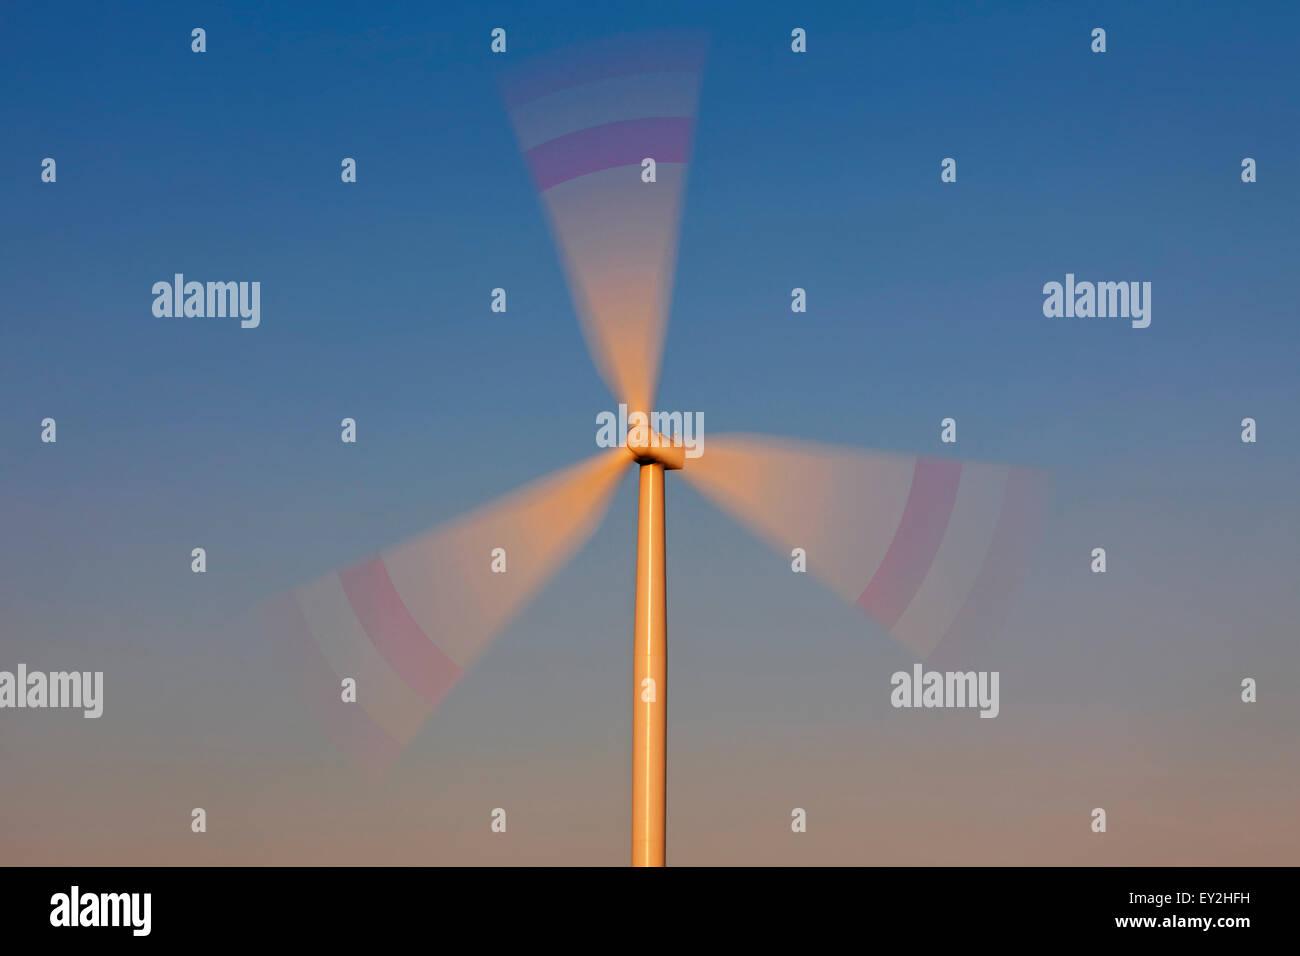 Les lames de rotor de turbine de vent contre le ciel bleu Photo Stock